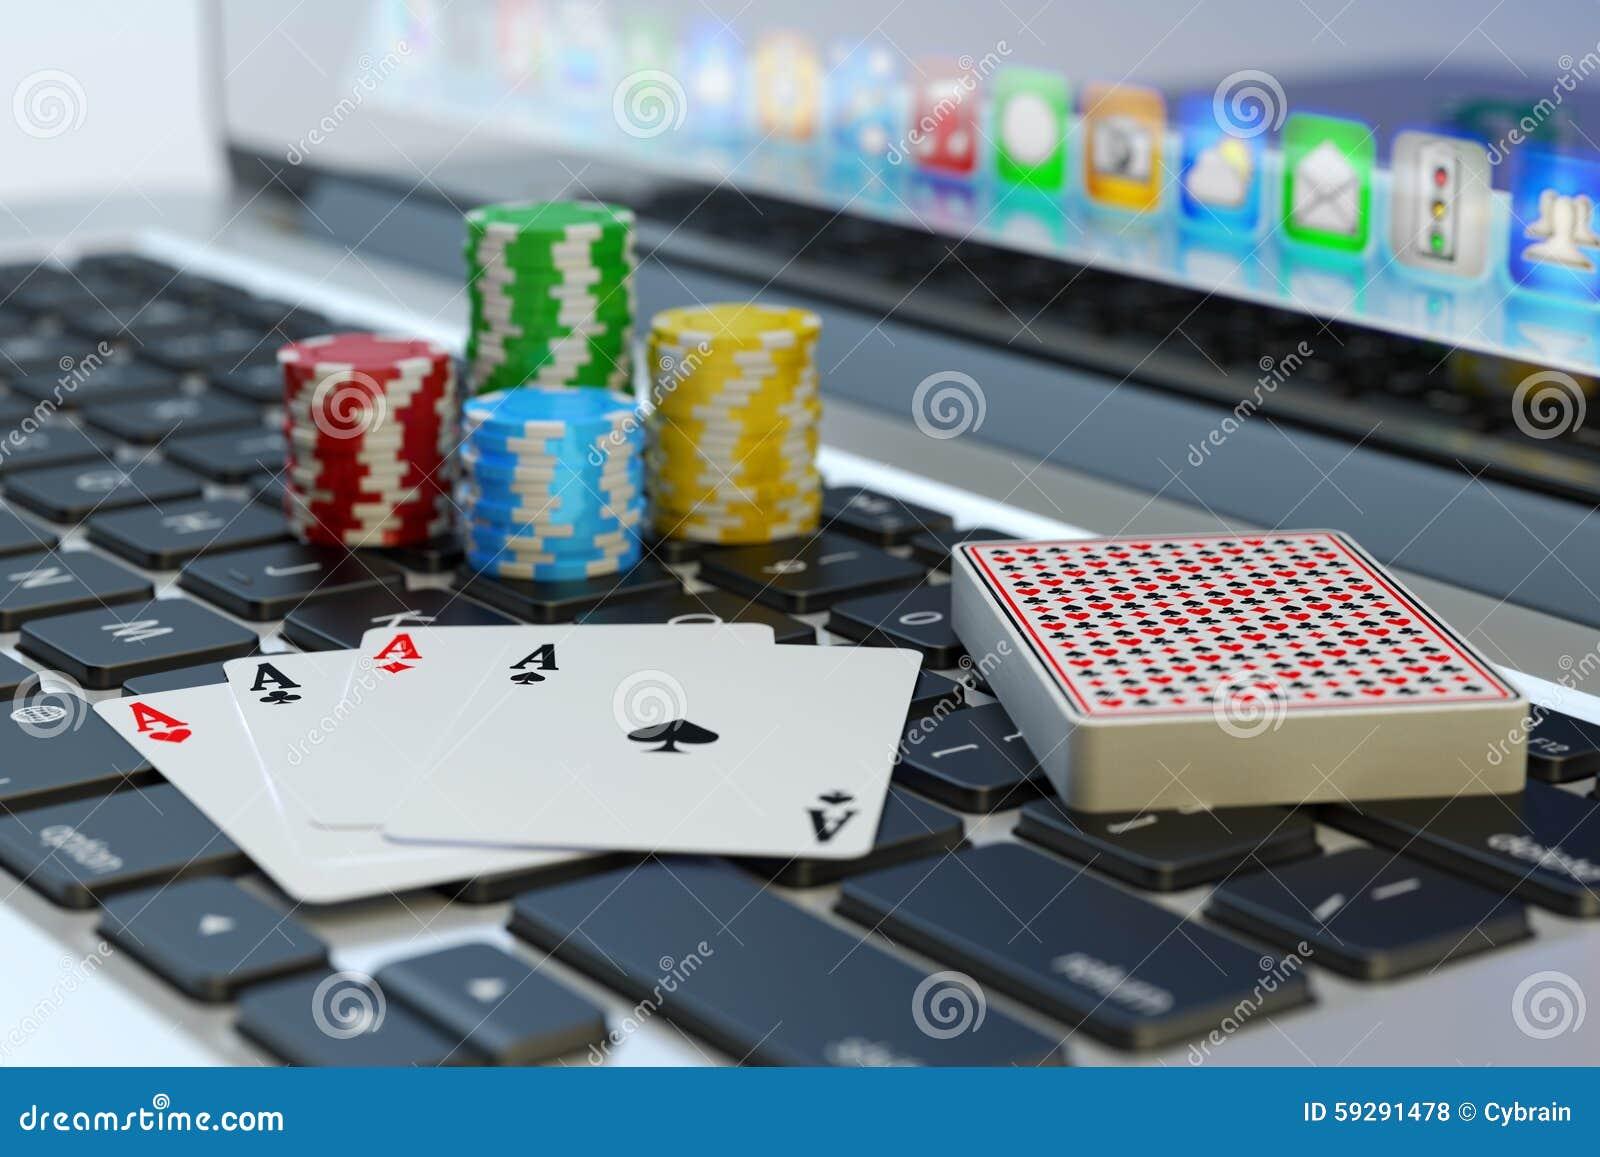 Карточные игры пасьянсы